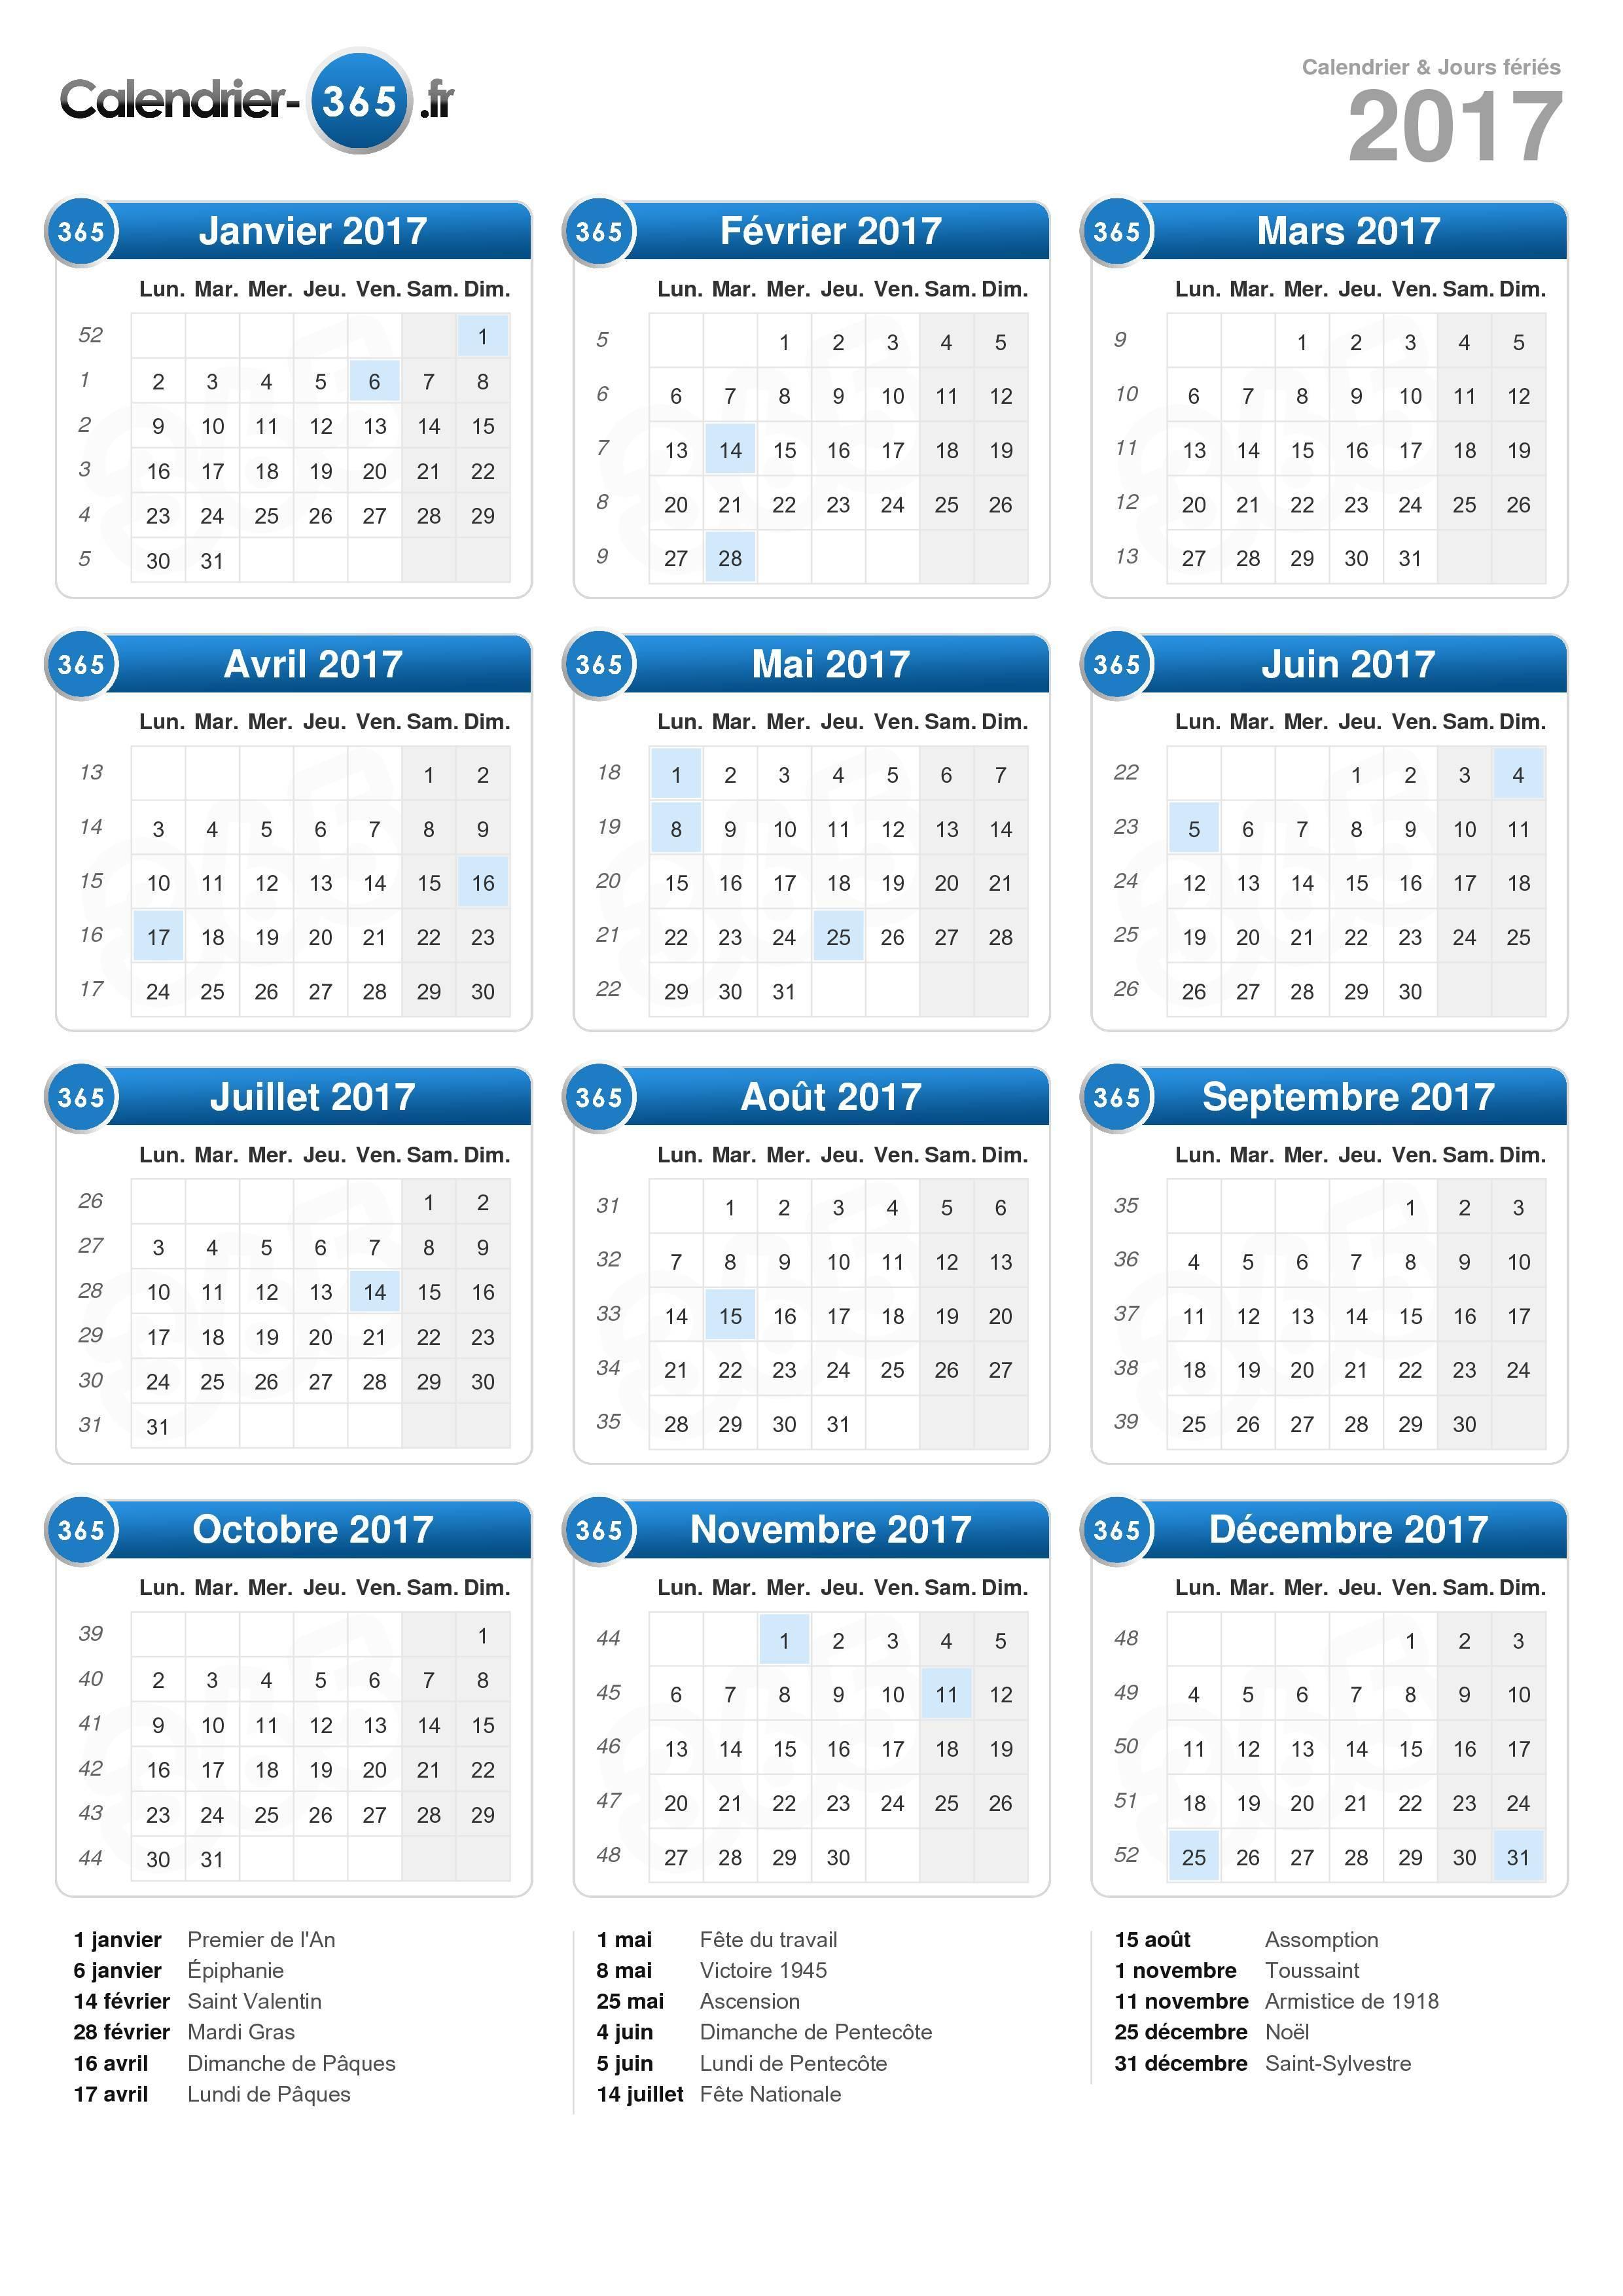 Calendrier 2017 à imprimer gratuit en PDF et Excel